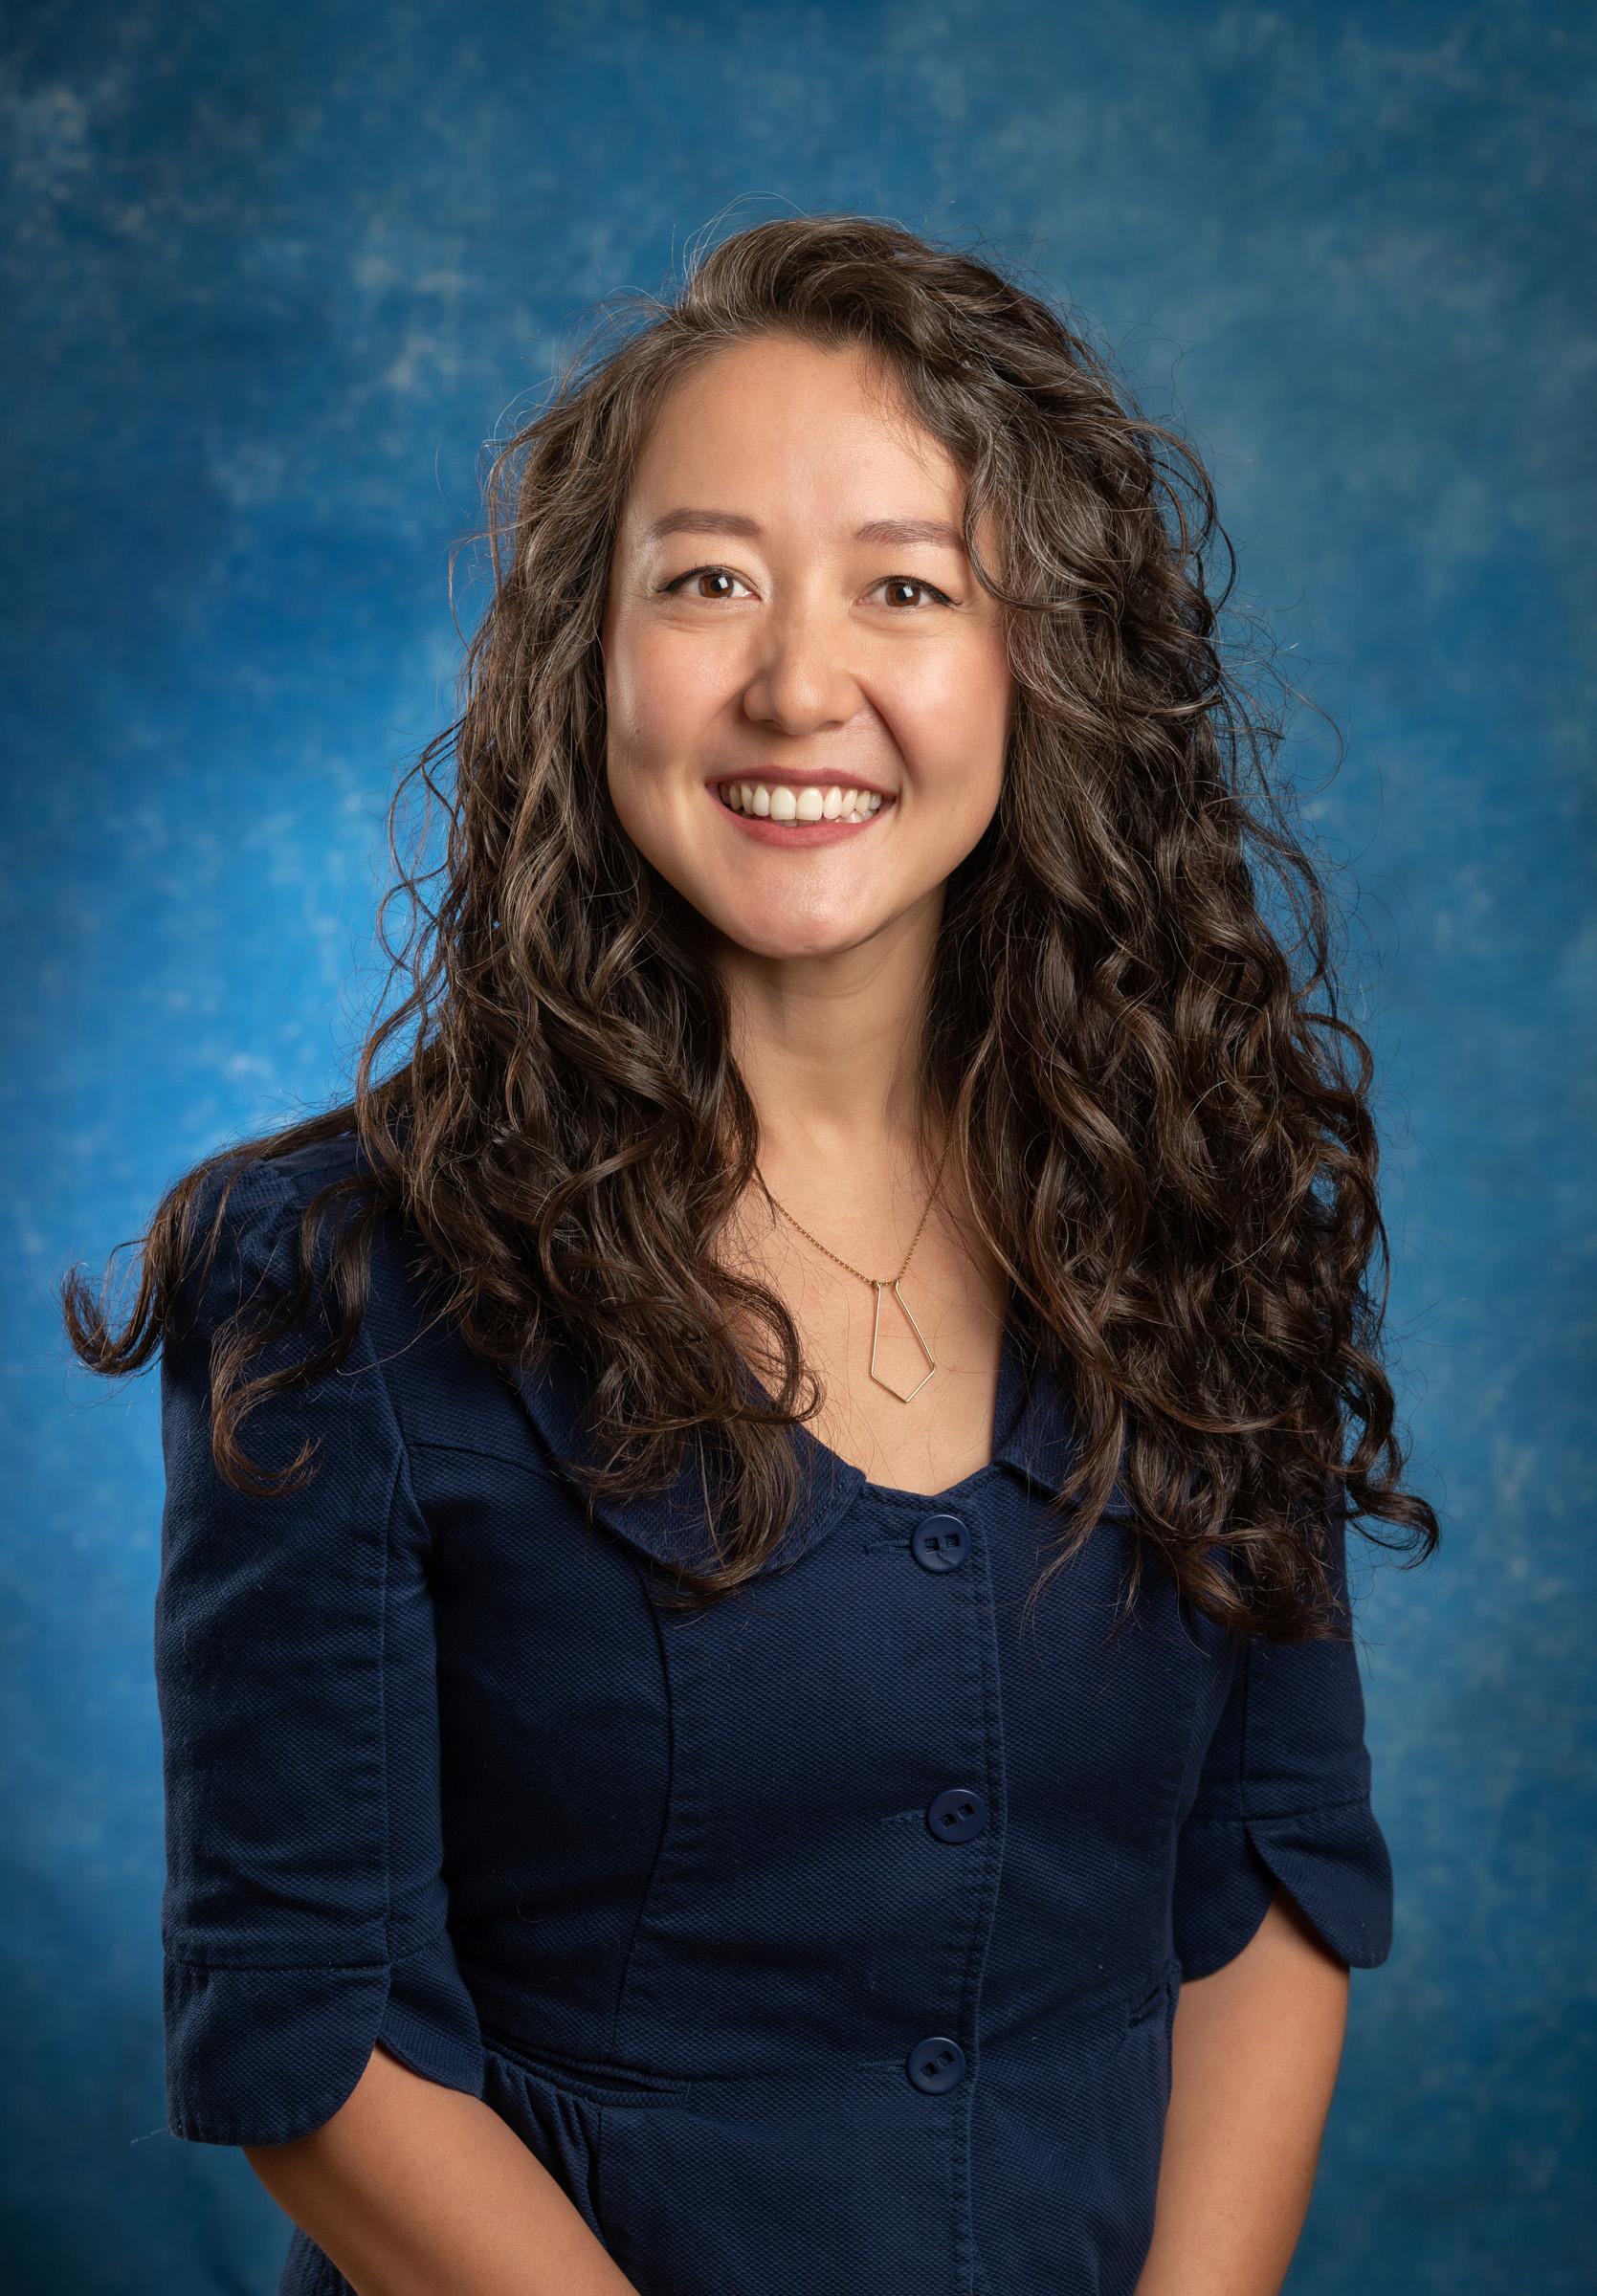 Dr. Amy Yuan, Associates of Women's Health Care in Pueblo, Colorado